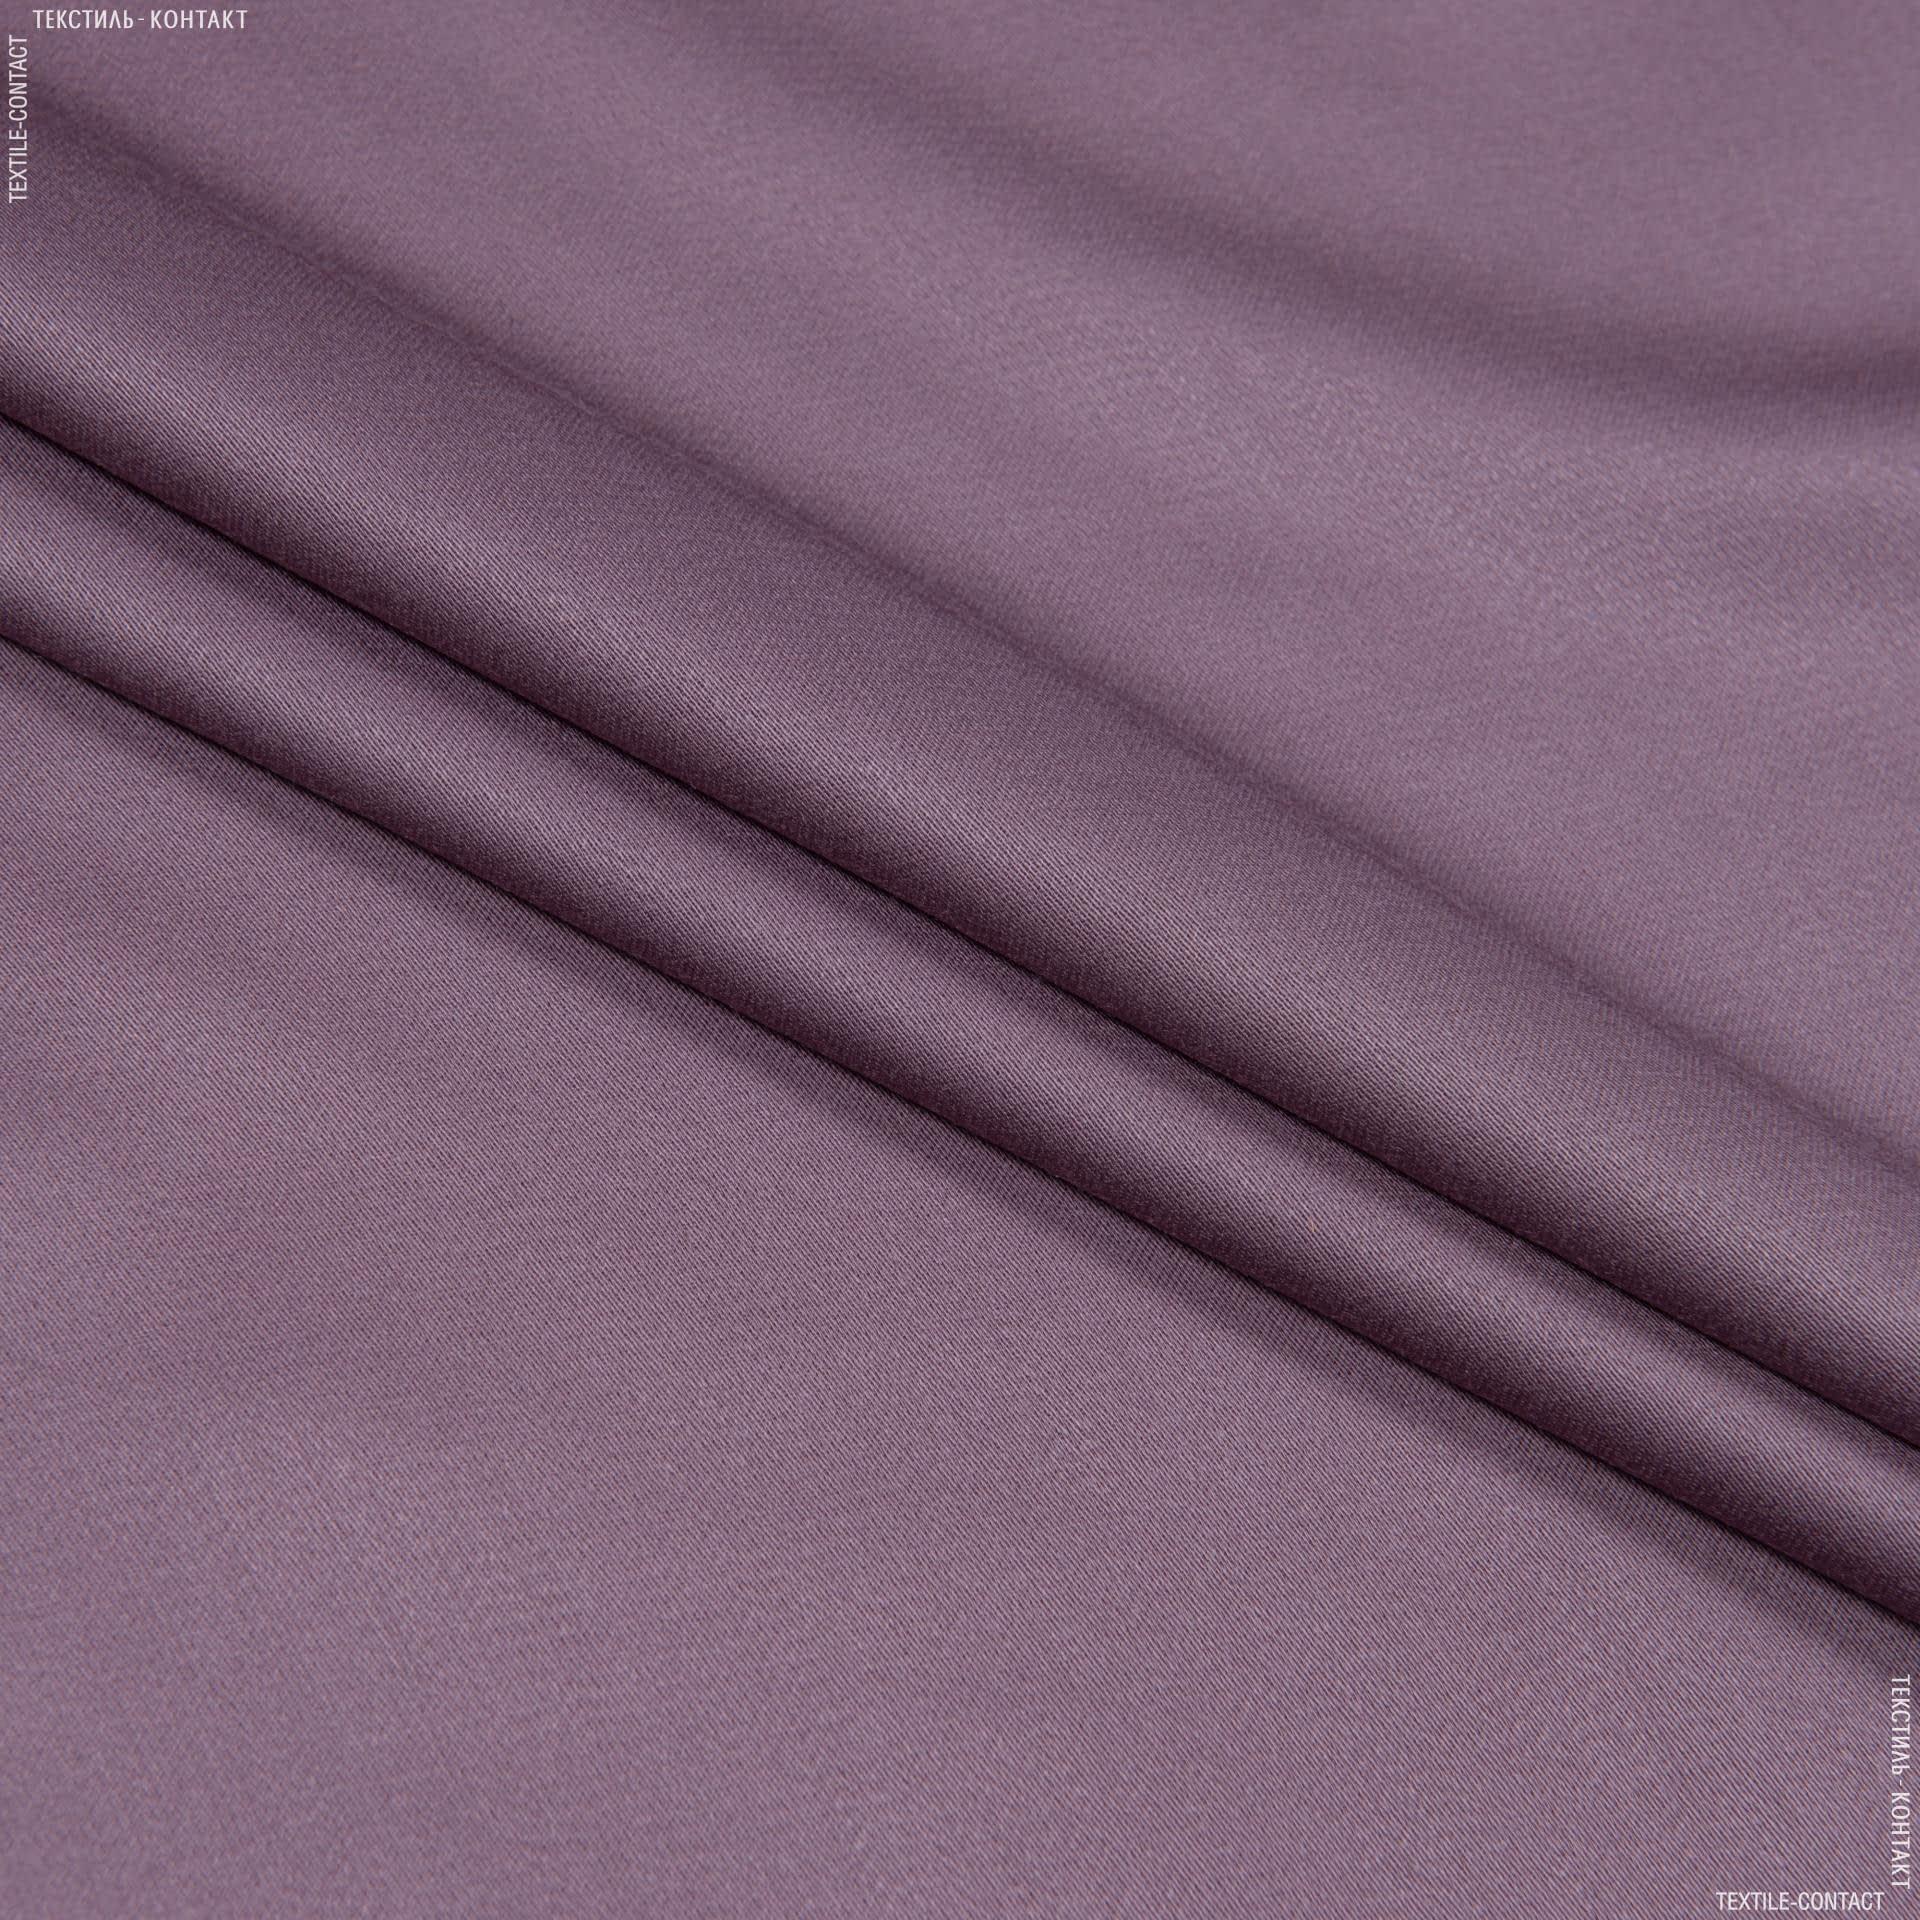 Тканини для костюмів - Костюмний сатин темно-фрезовий